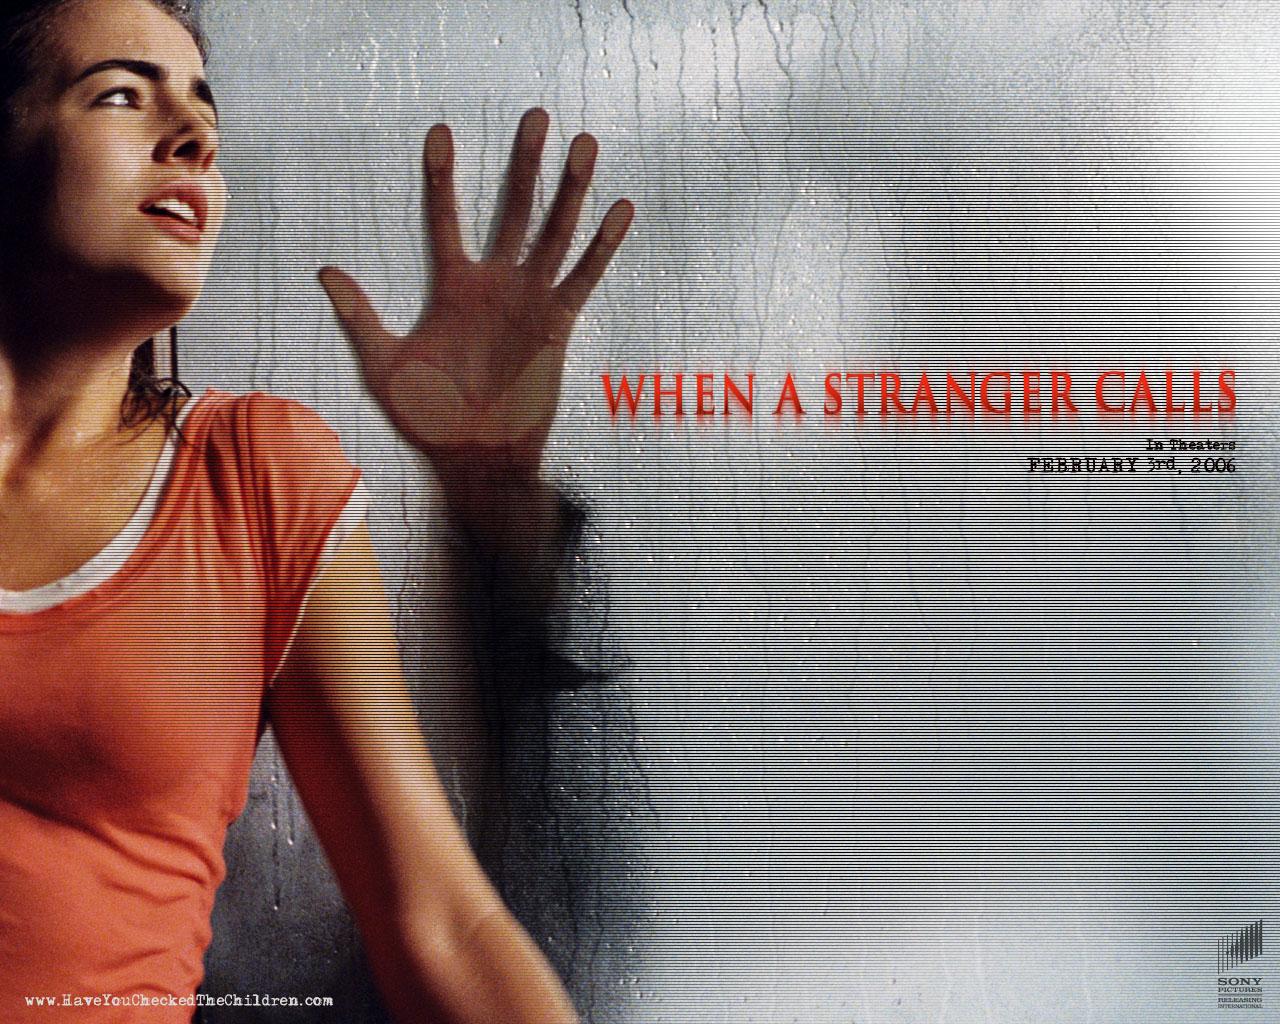 http://4.bp.blogspot.com/-7AyxfmoQcUQ/TdfCxfyh2EI/AAAAAAAAAKA/zGDKNi0XeQE/s1600/When-a-Stranger-Calls-camilla-belle-856529_1280_1024.jpg